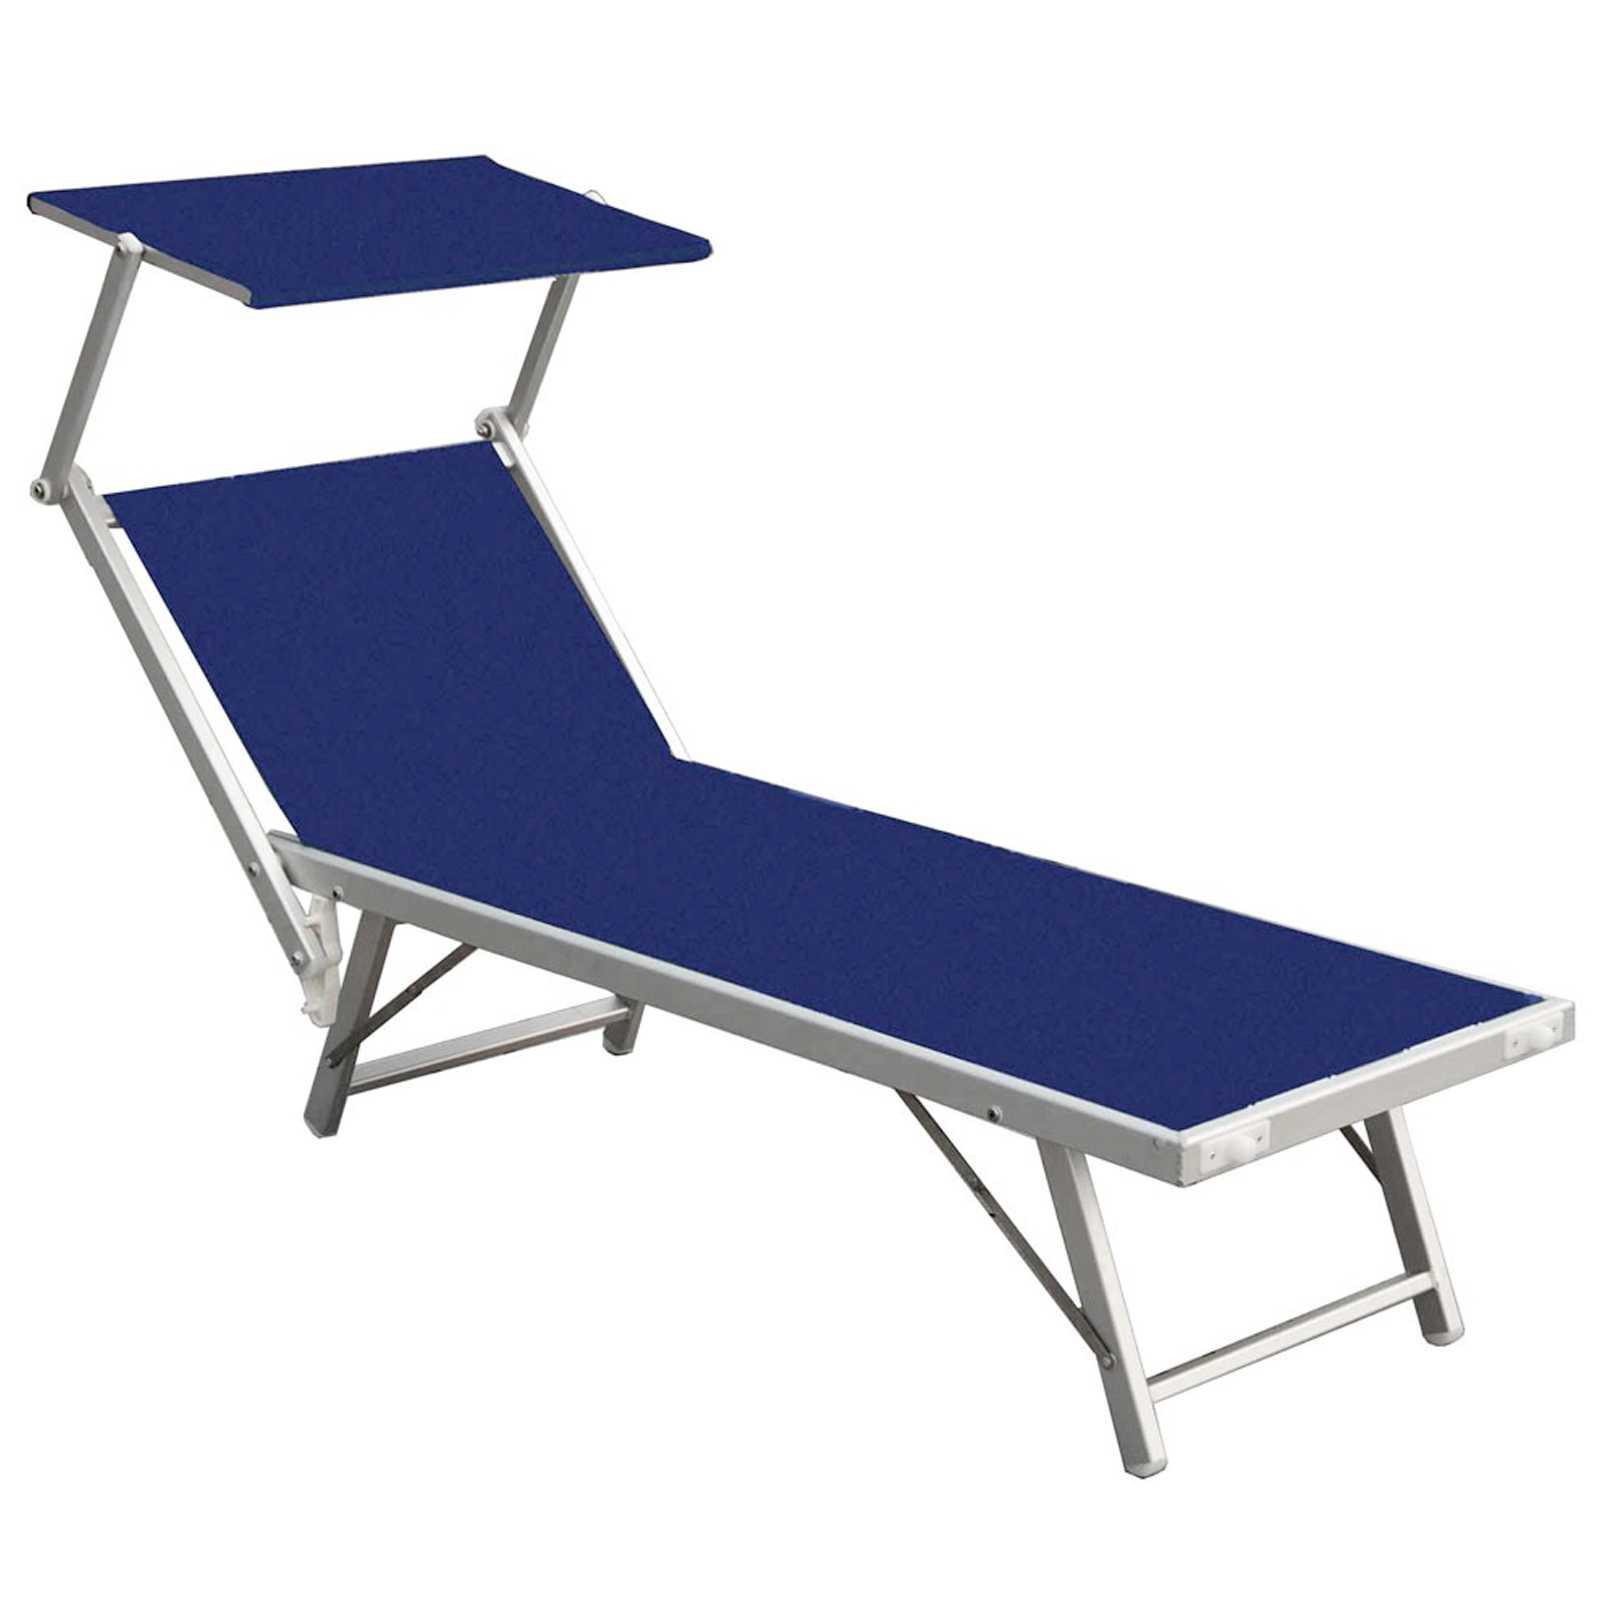 Lettino 186x70x40h in alluminio e rivestimento blu con schermo parasole